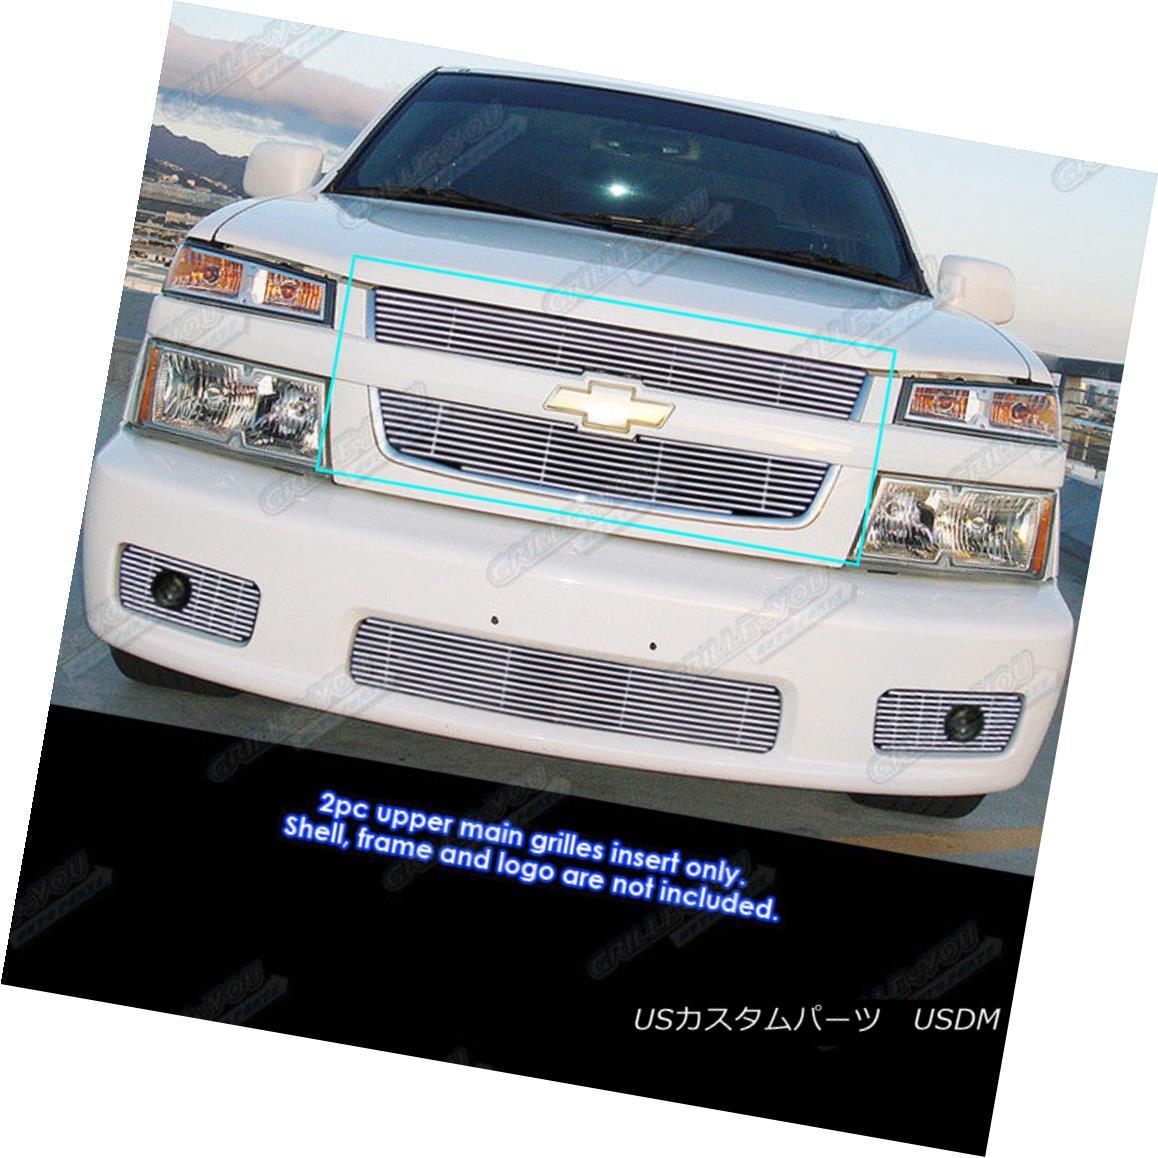 グリル Fits 04-10 Chevy Colorado Xtreme Main Upper Billet Grille Insert フィット04-10 Chevy Colorado Xtremeメインアッパービレットグリルインサート